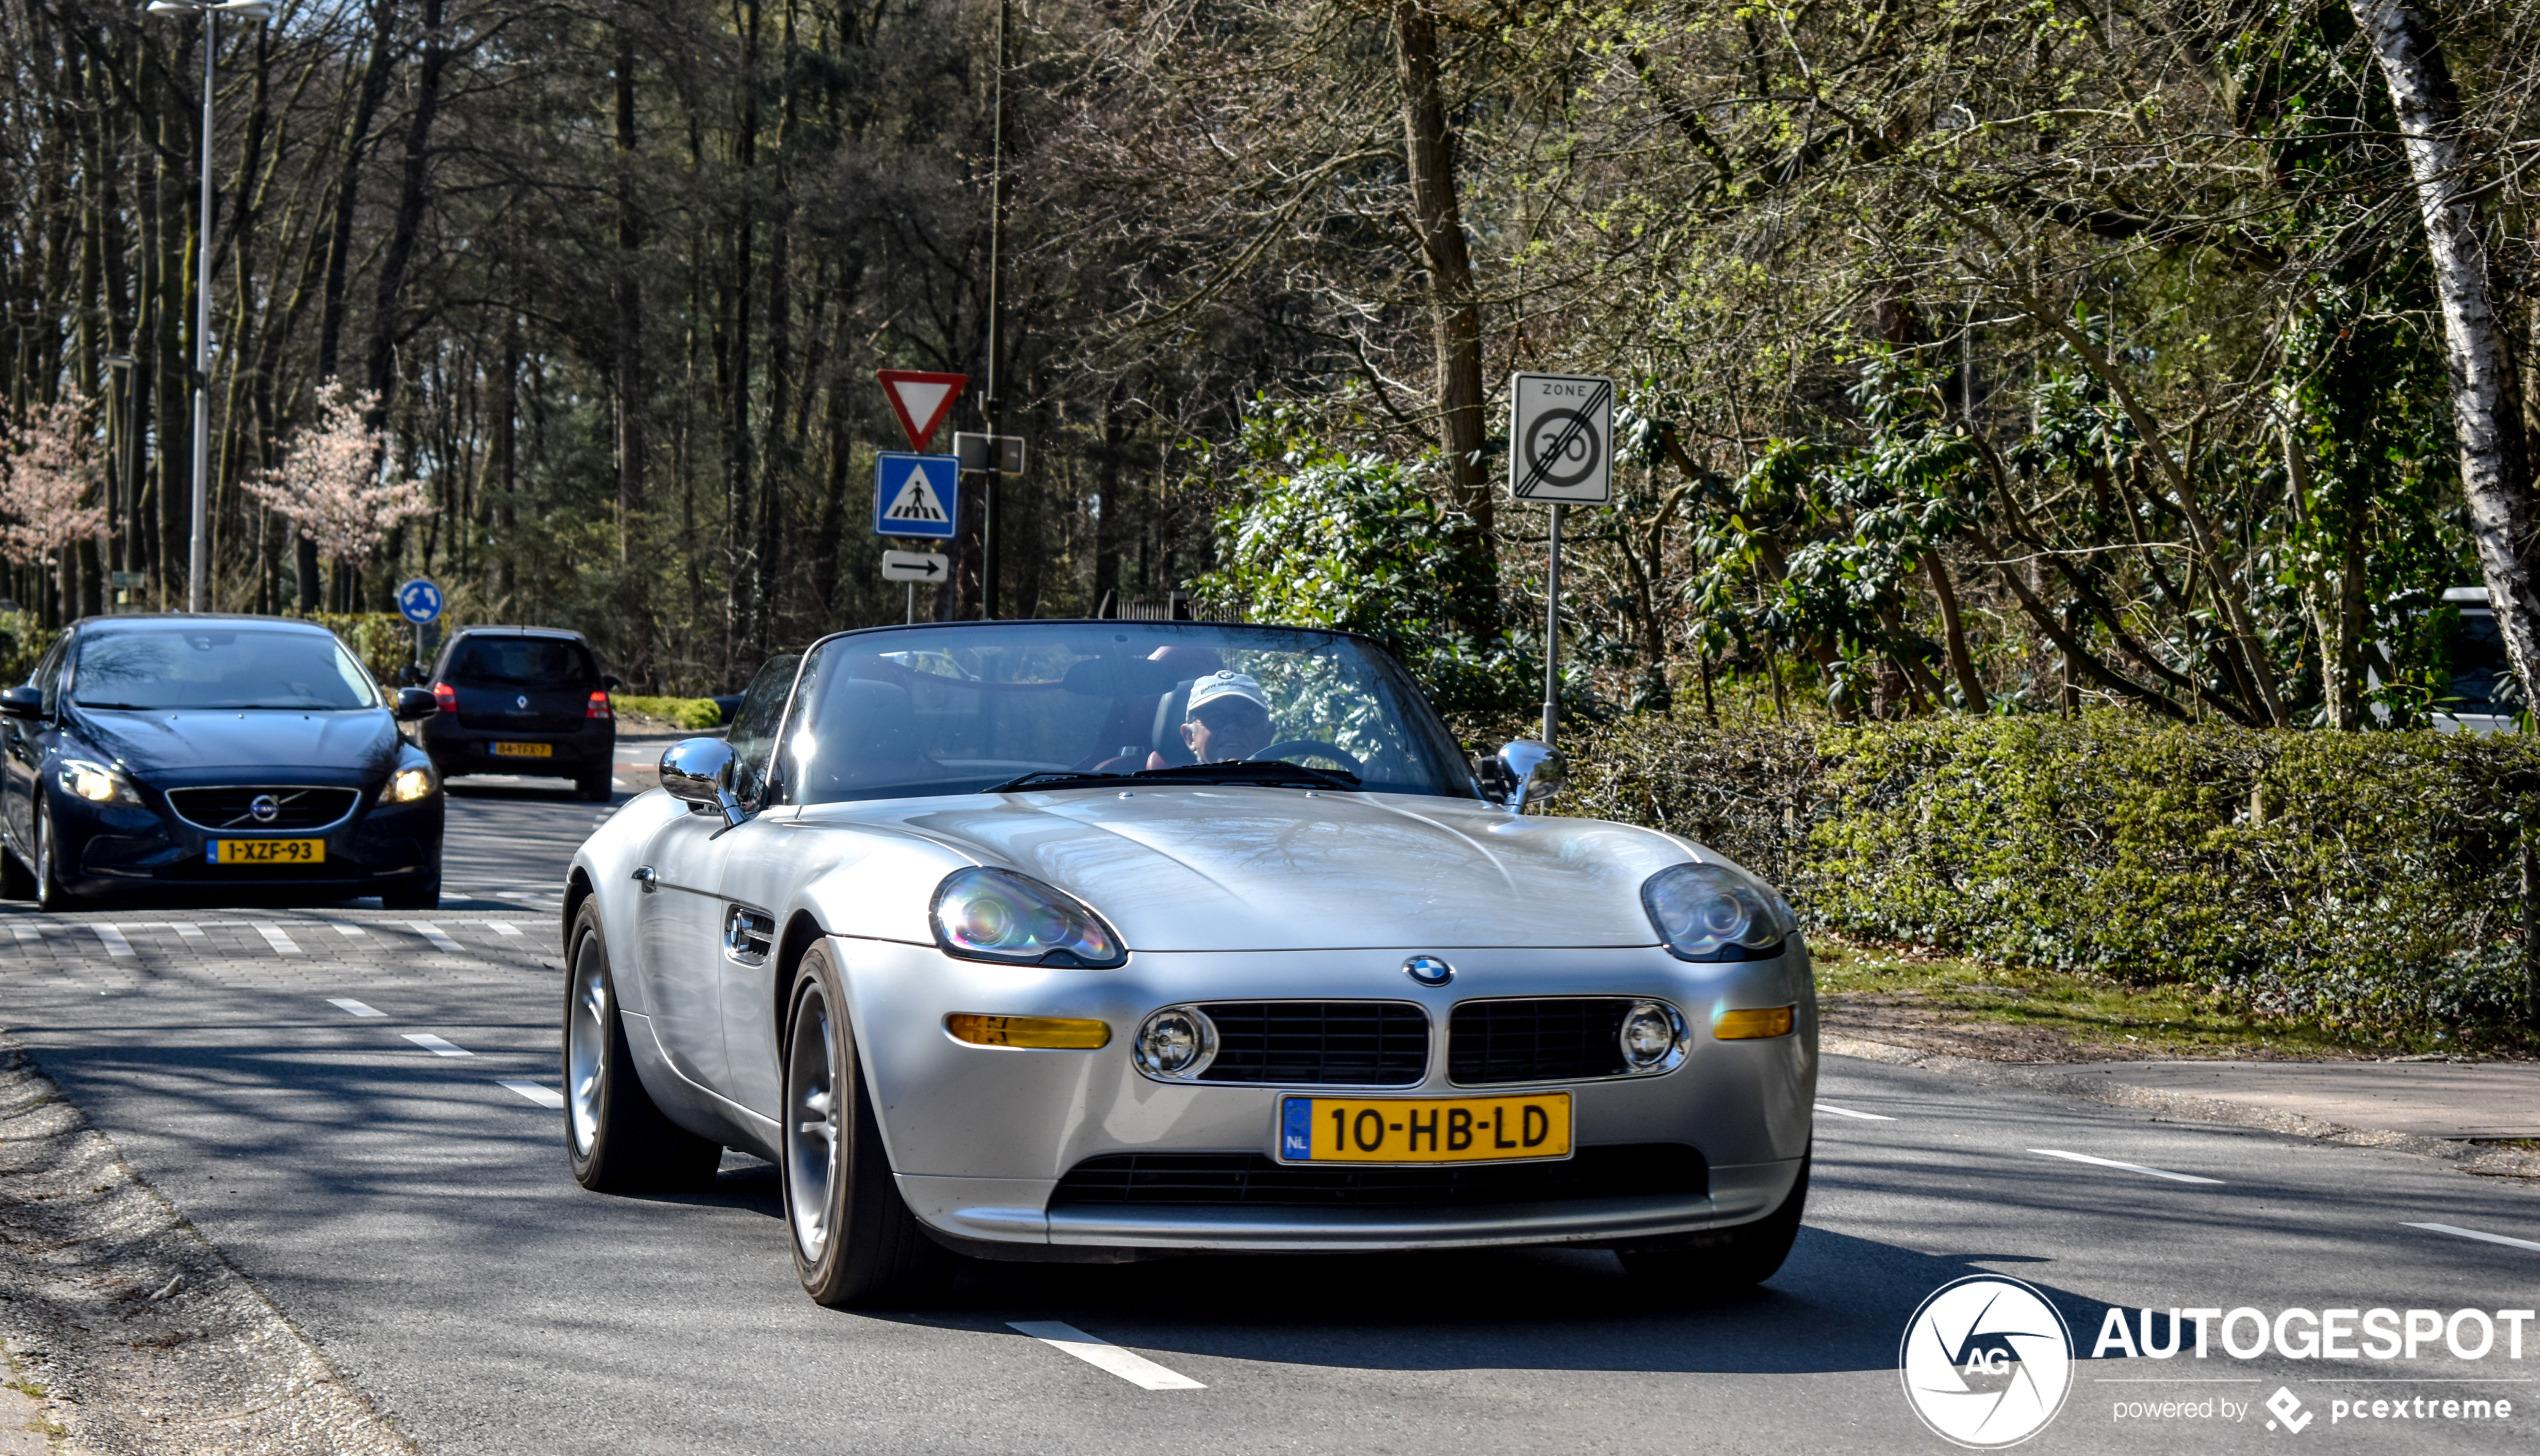 BMW Z8 mag de oude beentjes even strekken